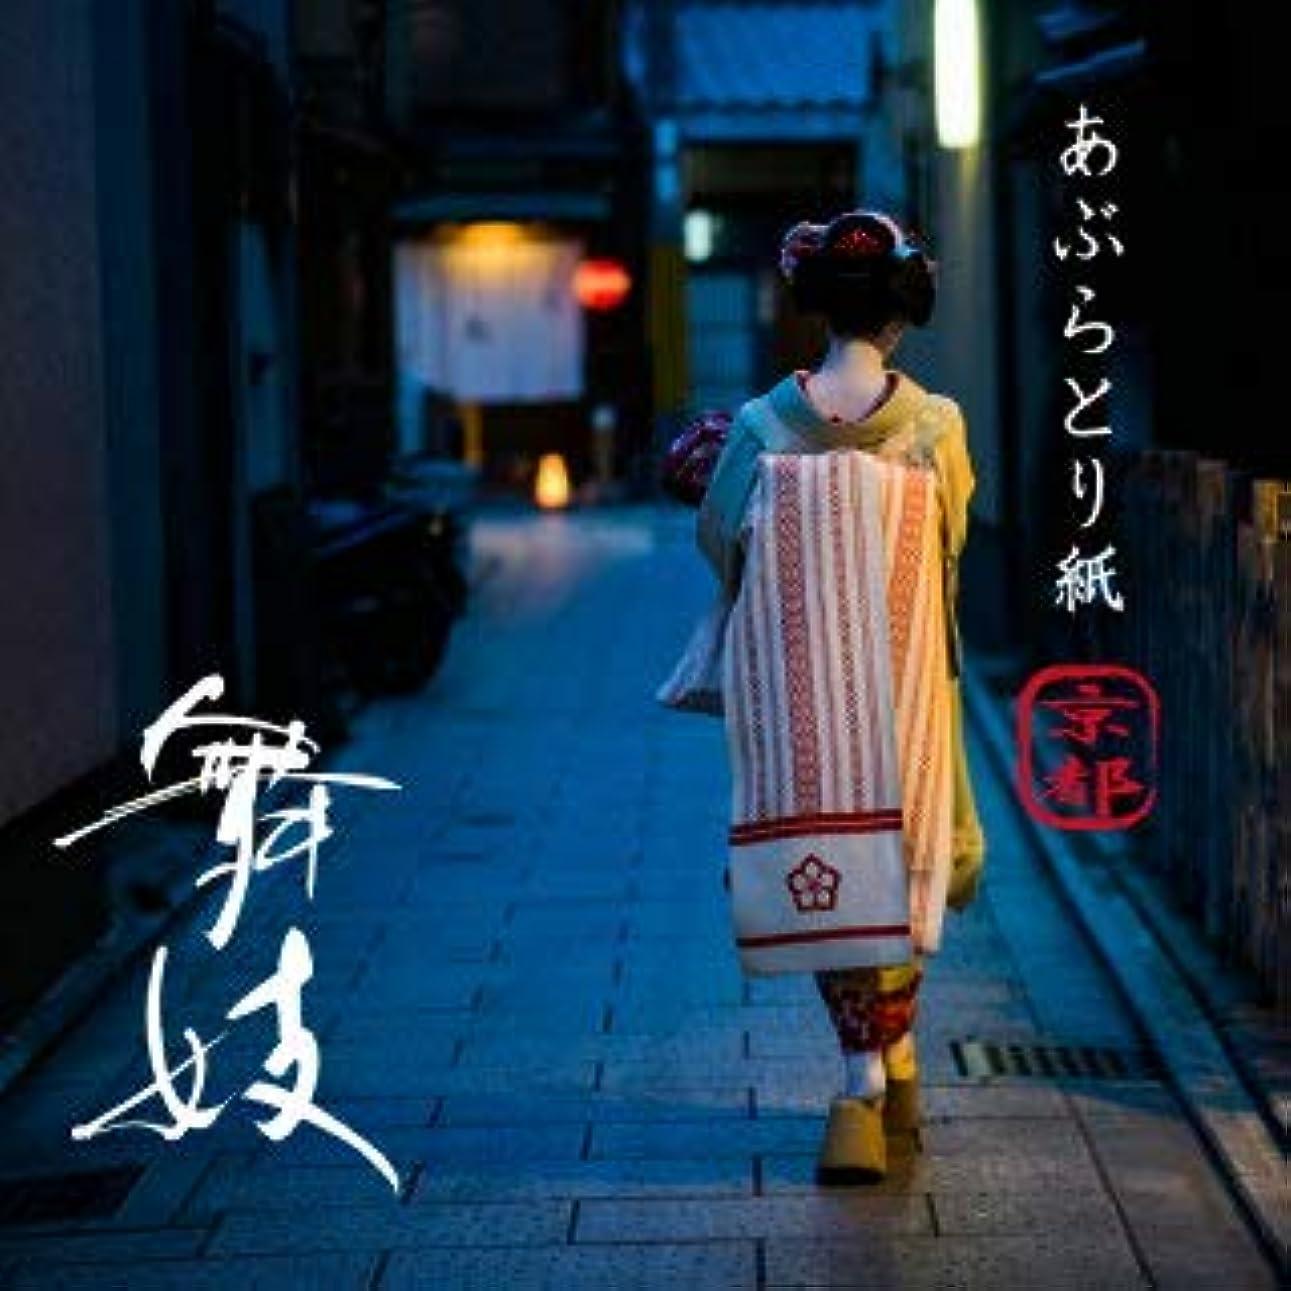 カトリック教徒人柄起訴する特典付き 京都のあぶらとり紙 舞妓さんシリーズ(大容量40枚) 4組(4柄)セット 西陣織ティッシュケースプレゼント